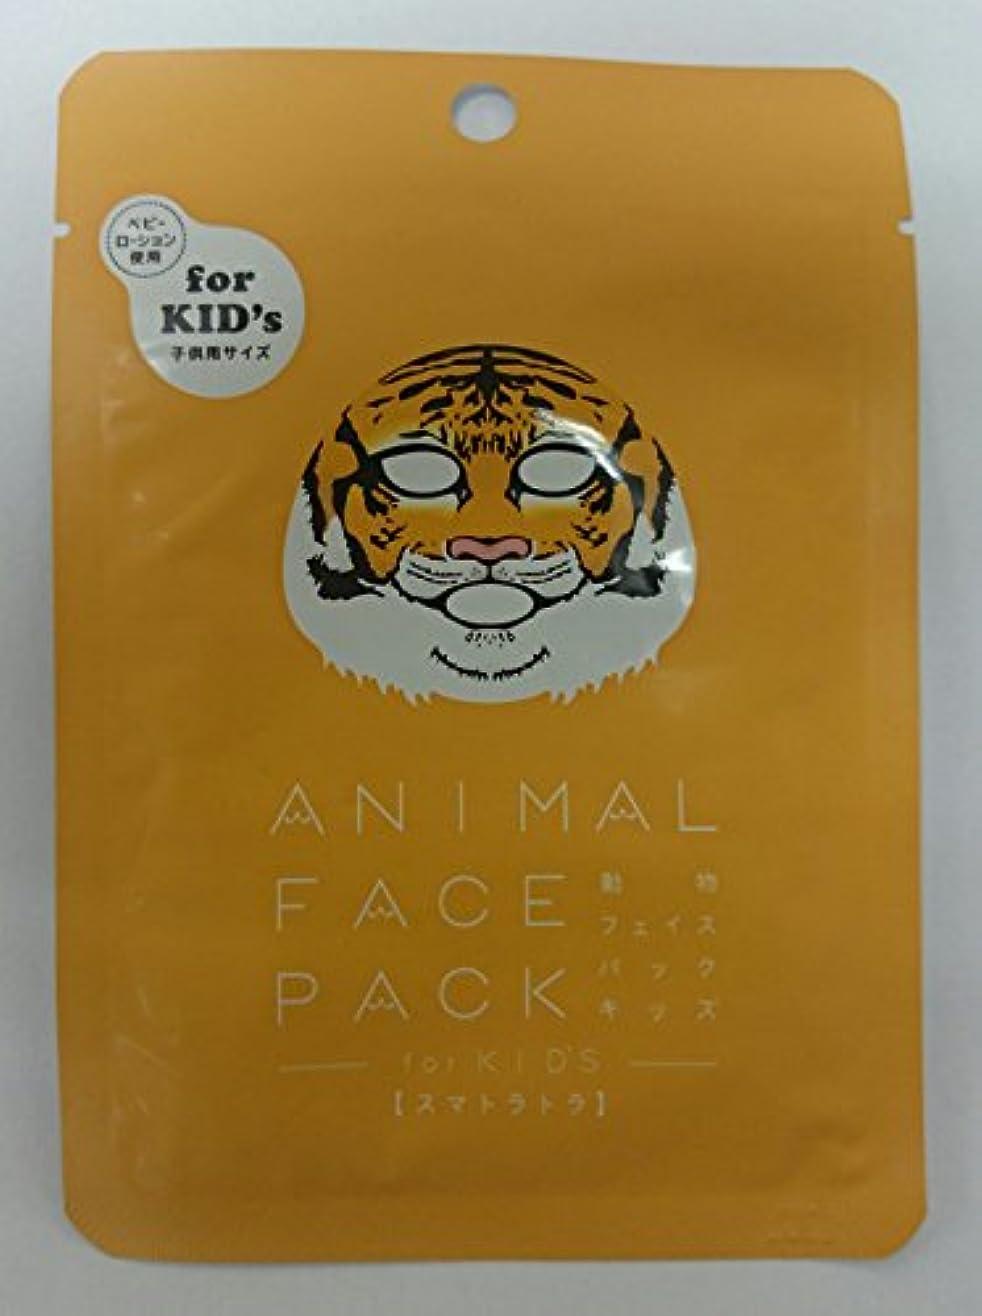 ヘクタール息切れ教え動物フェイスパック 子供用 ANIMAL FACE PACK For Kids トラトラトラ ベビーローション使用